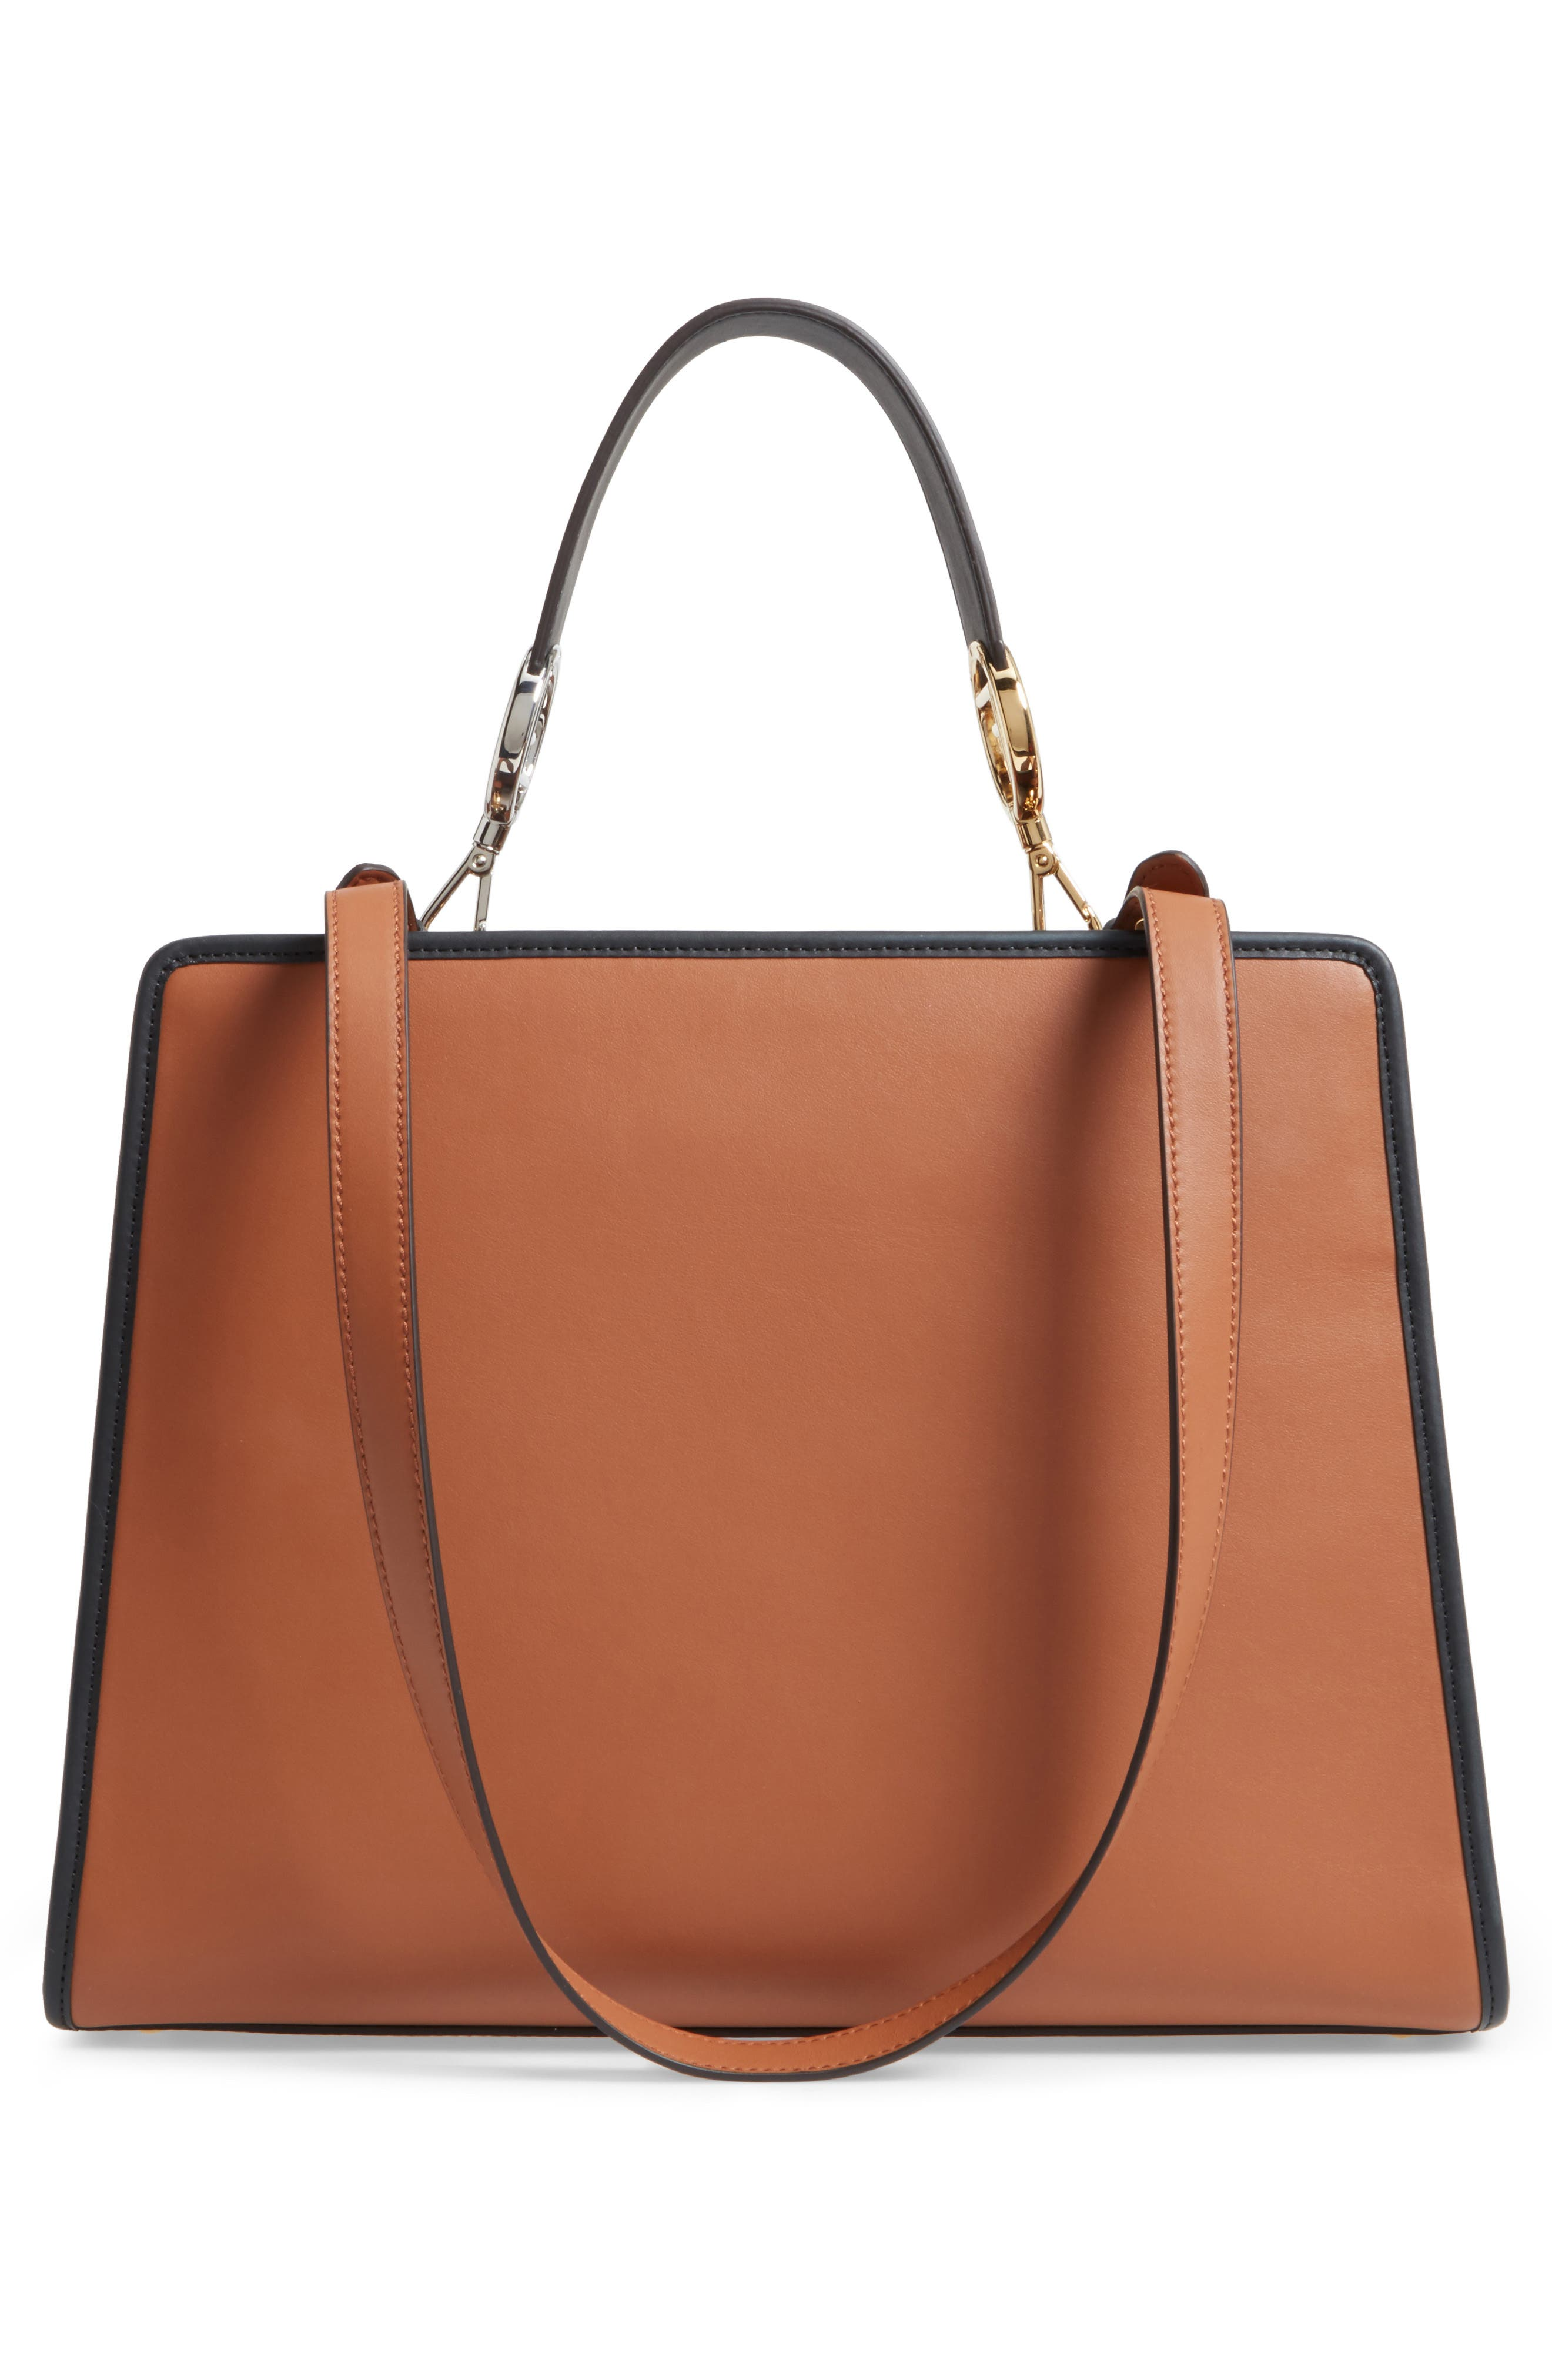 Runaway Medium Leather Tote Bag,                             Alternate thumbnail 3, color,                             Brown